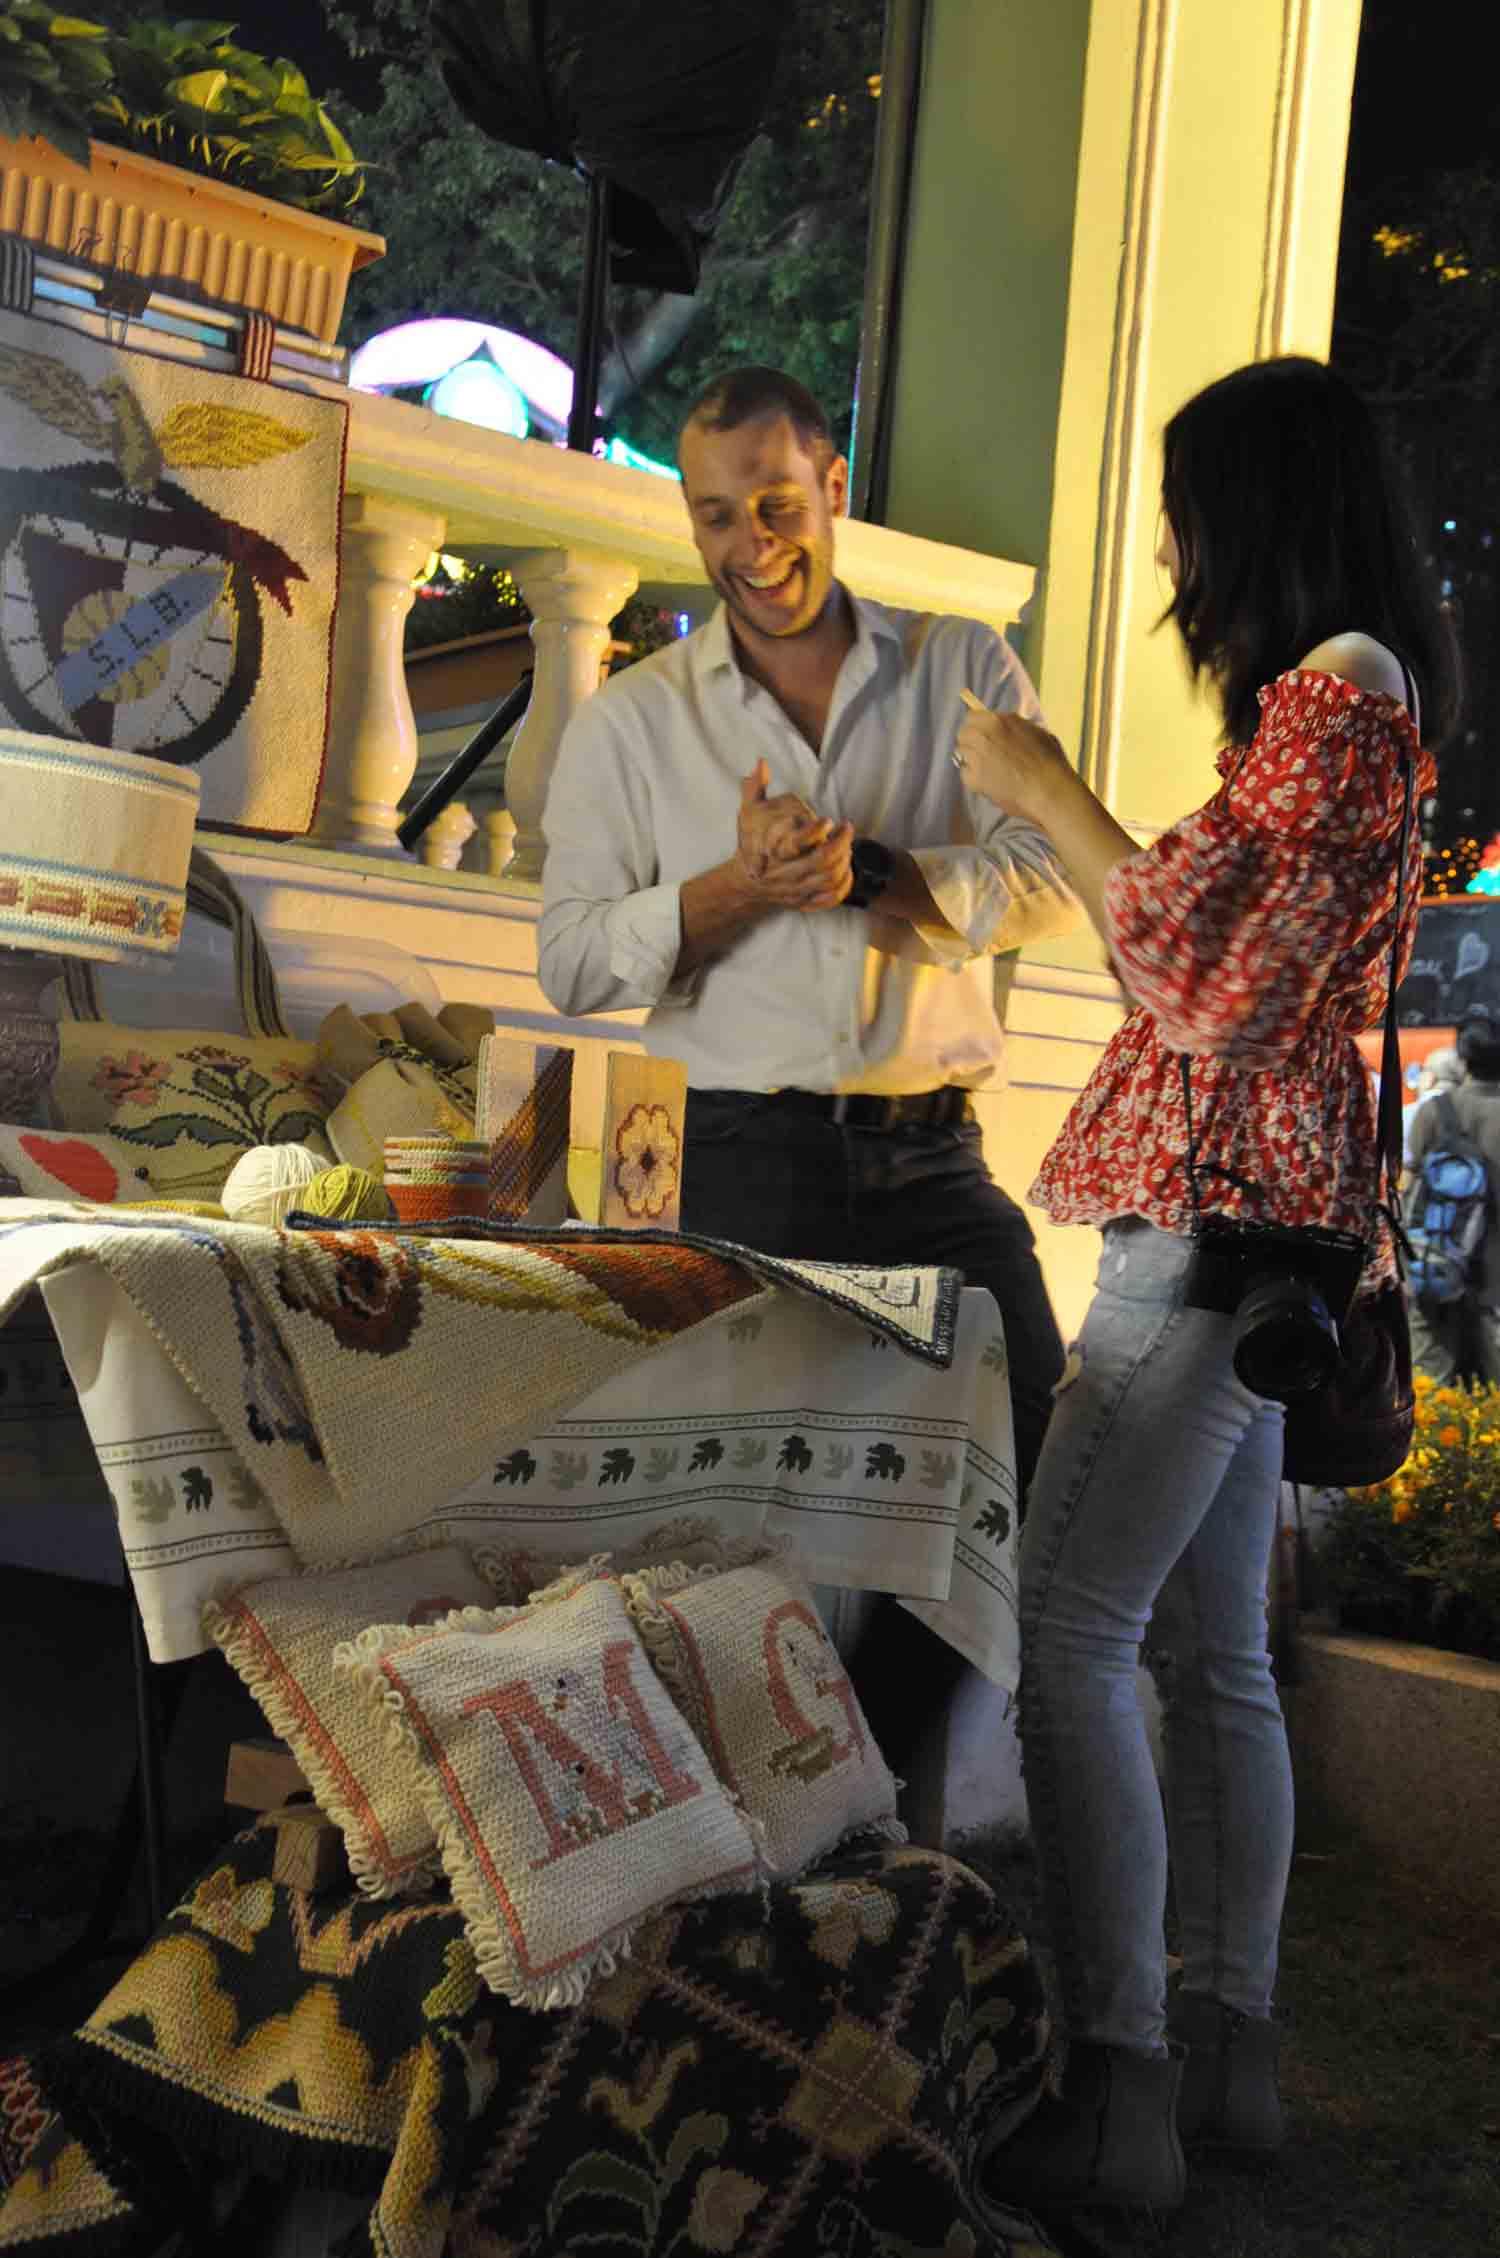 Lusofonia Festival vendor